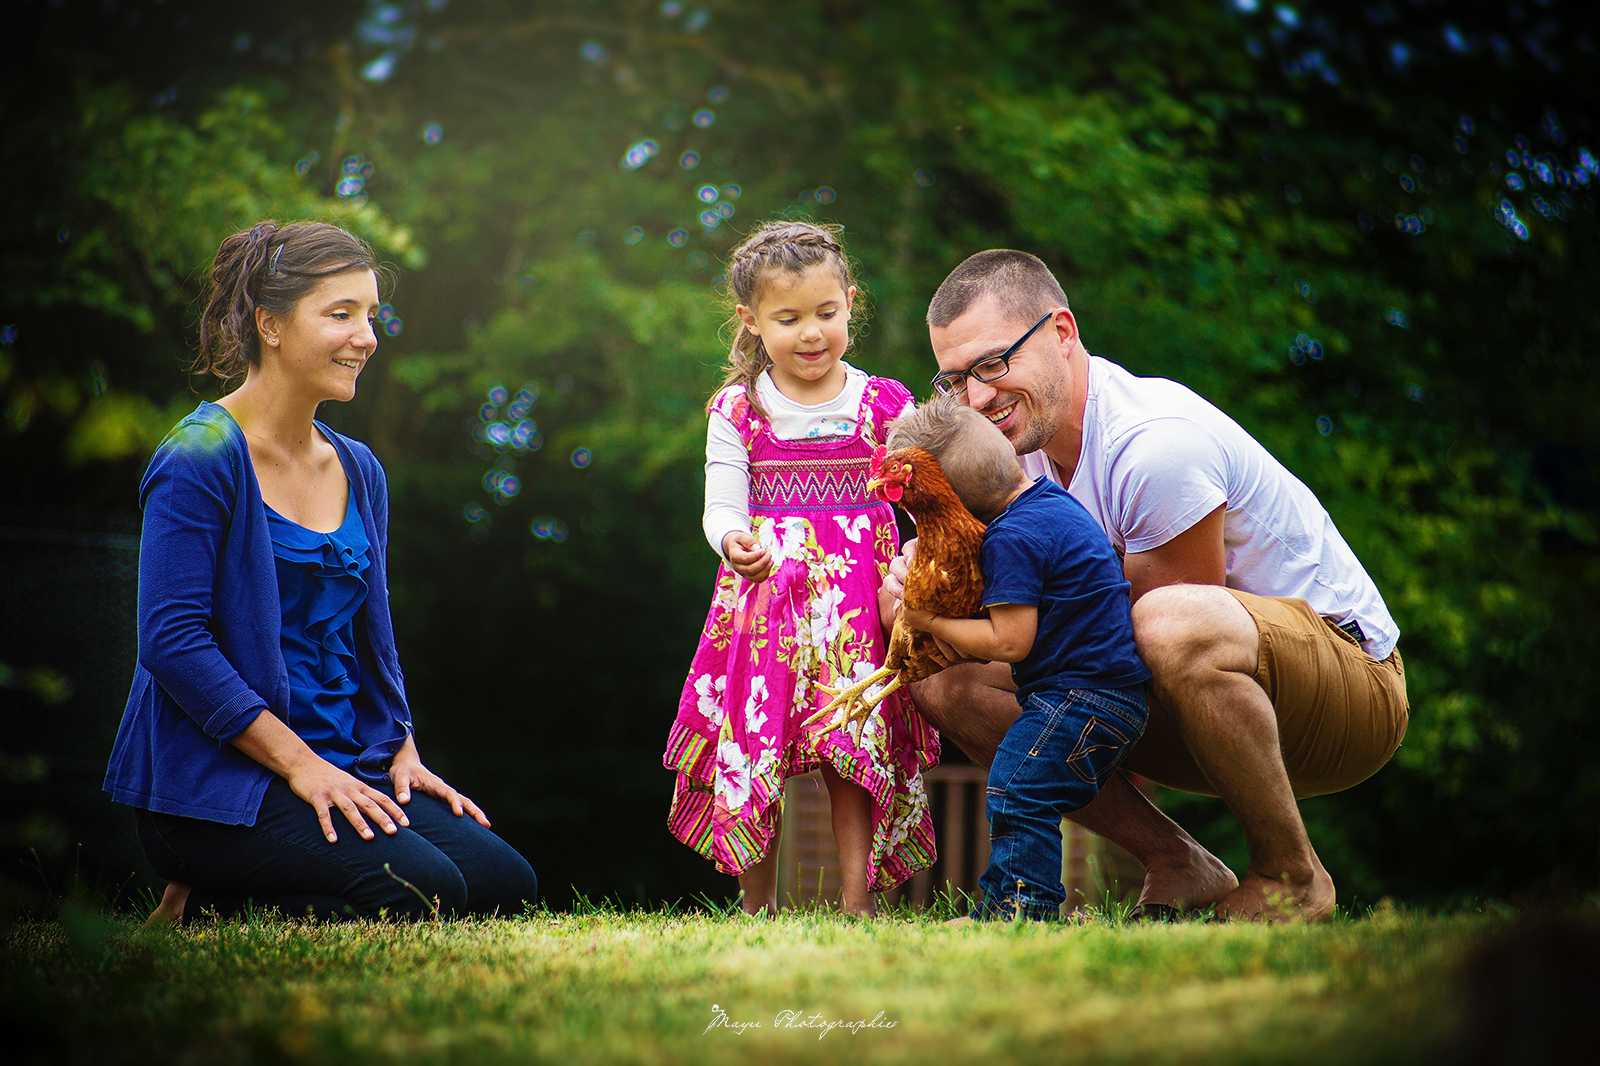 Photographe spécialisé dans la grossesse, la naissance et la famille